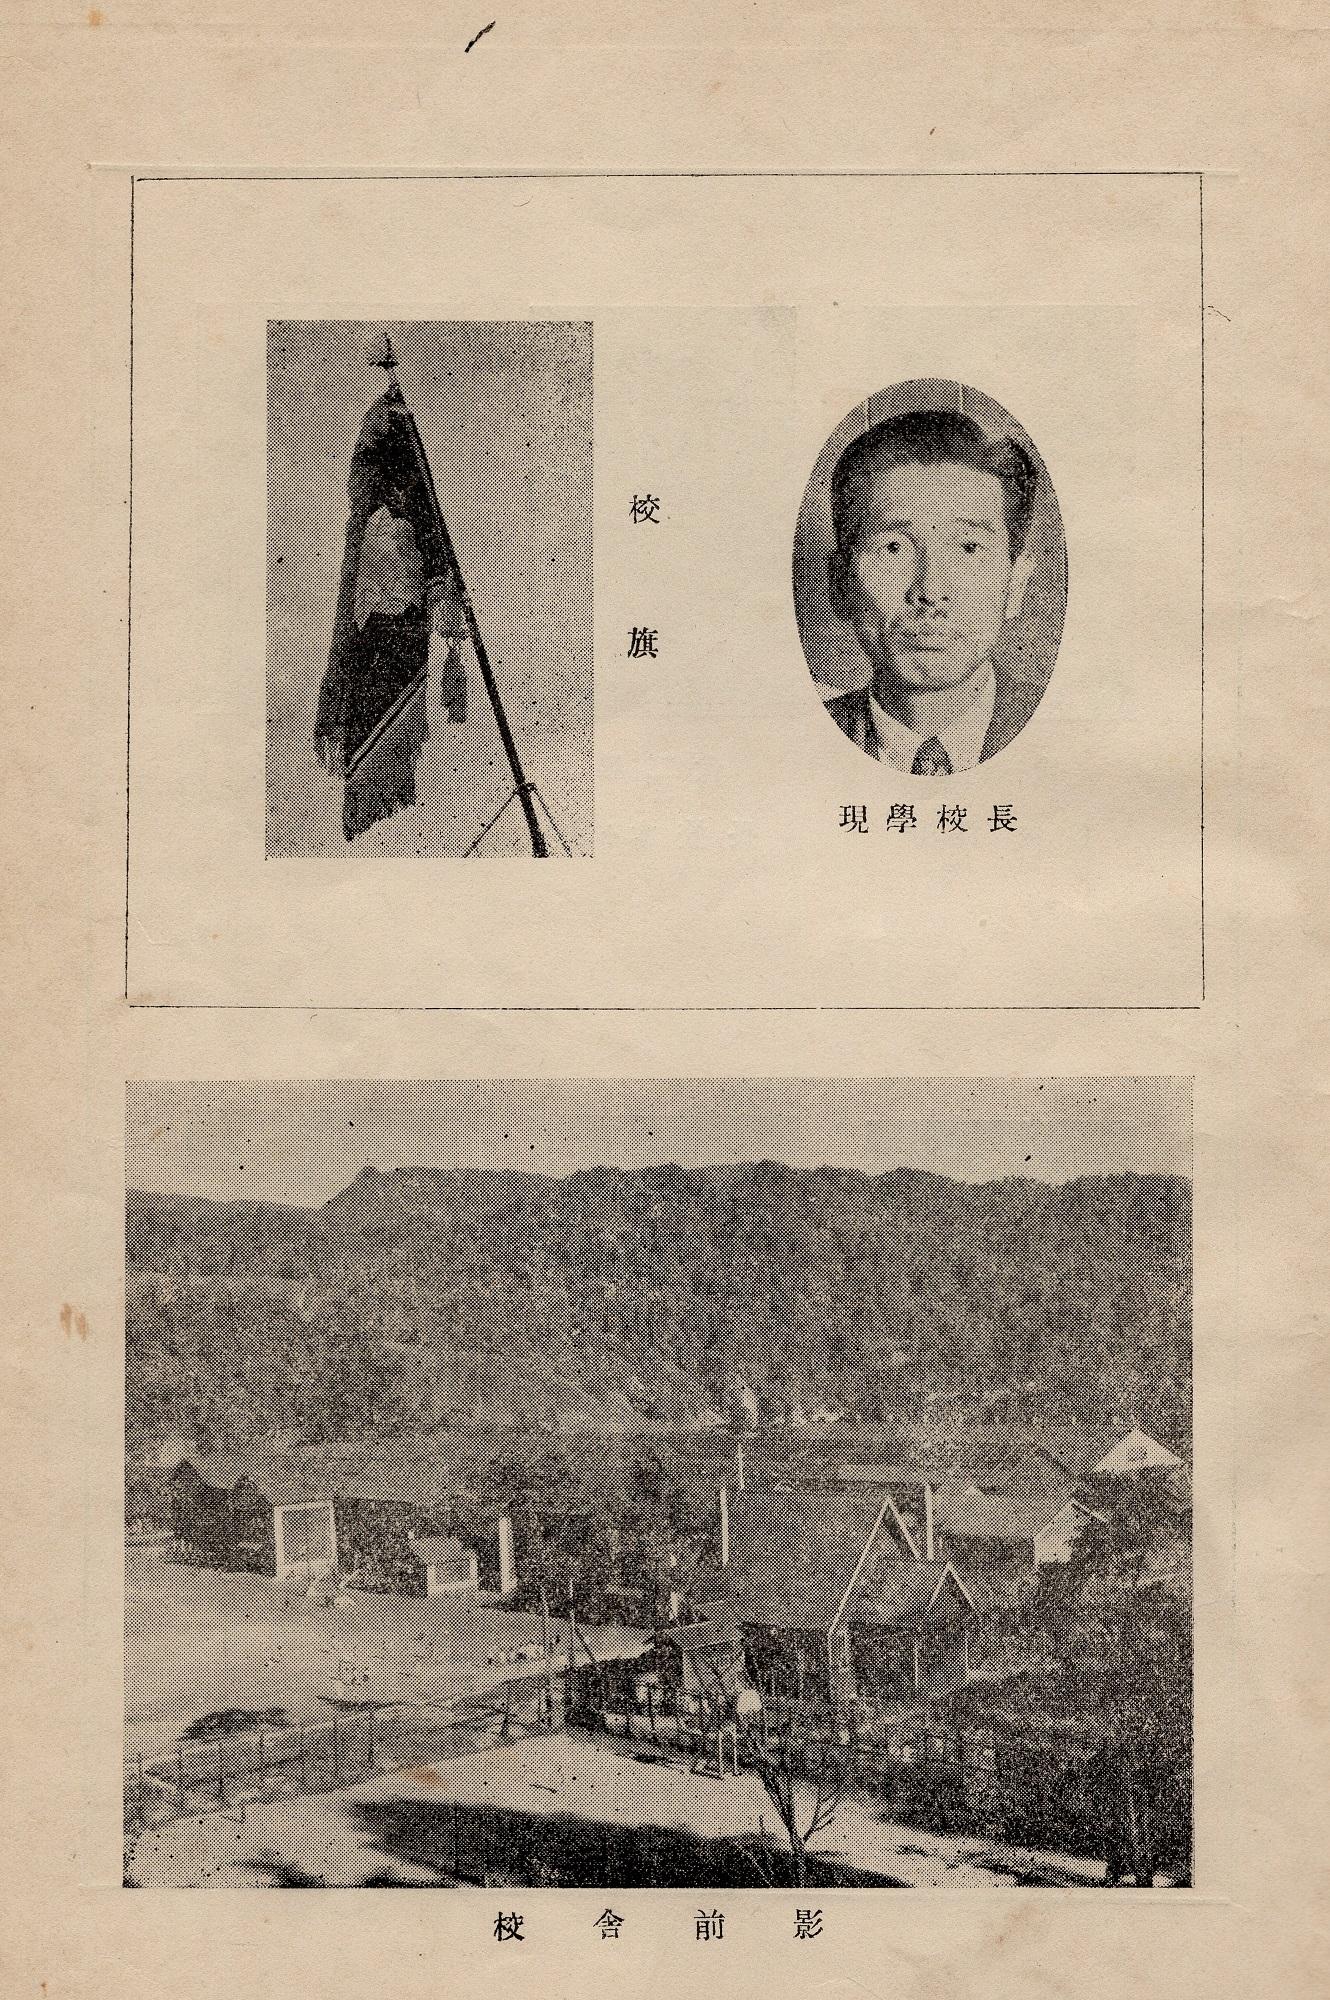 大夕張 鹿島小学校 学校概要 昭和28年発行